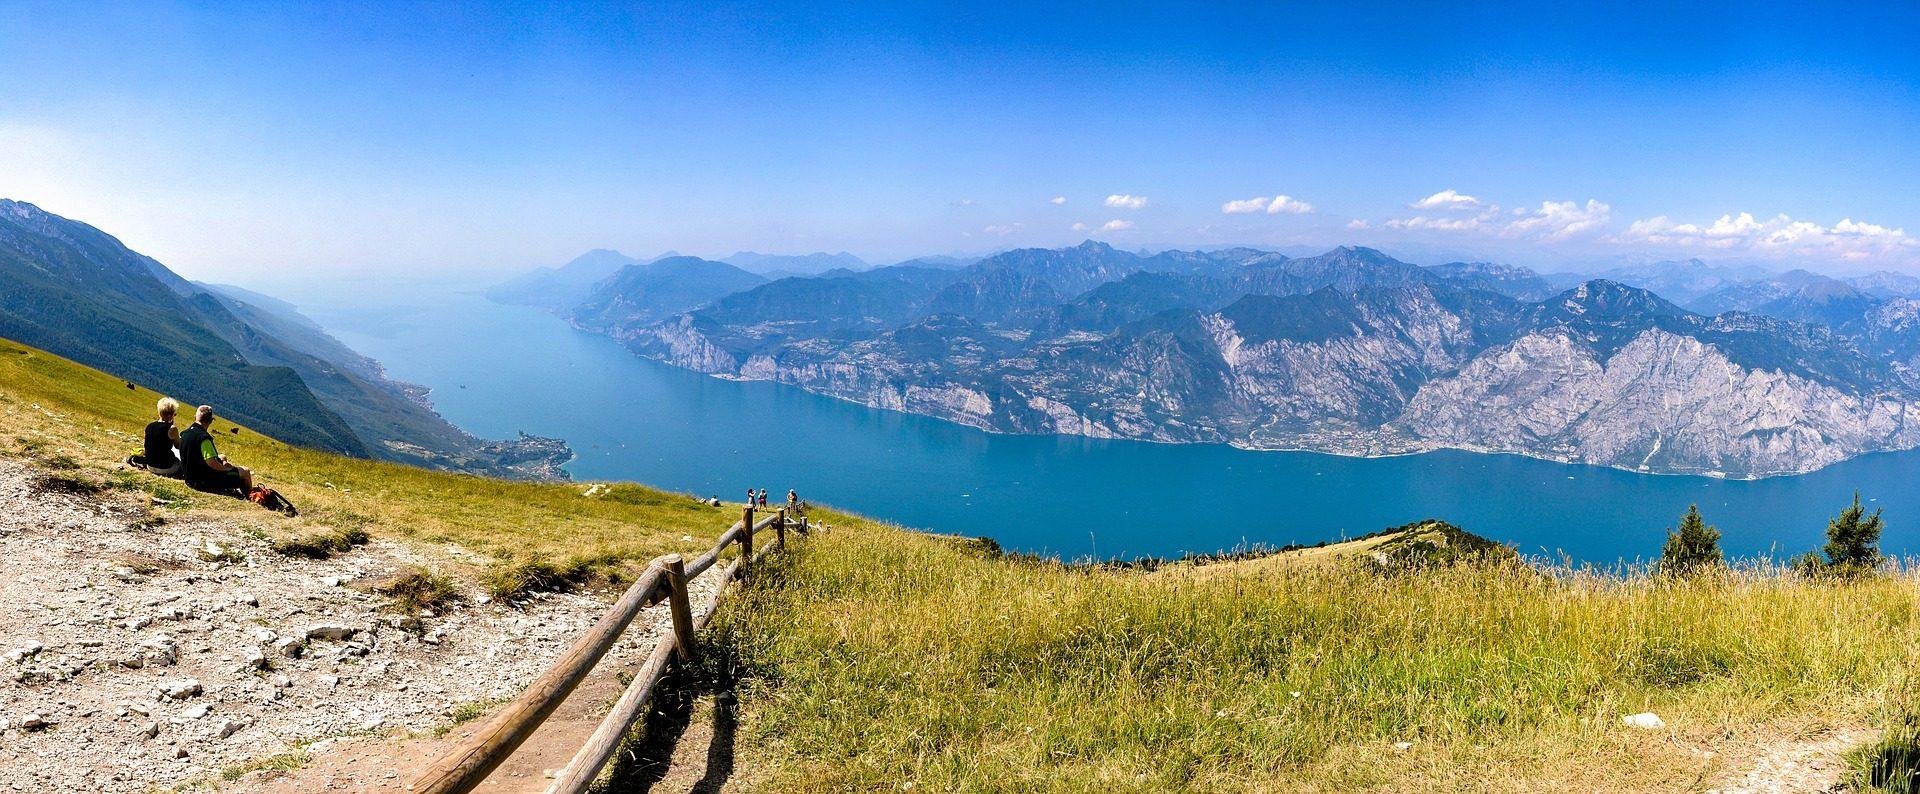 Landschaft, Panorámica, Tal, Río, Montañas, Wolken - Wallpaper HD - Prof.-falken.com